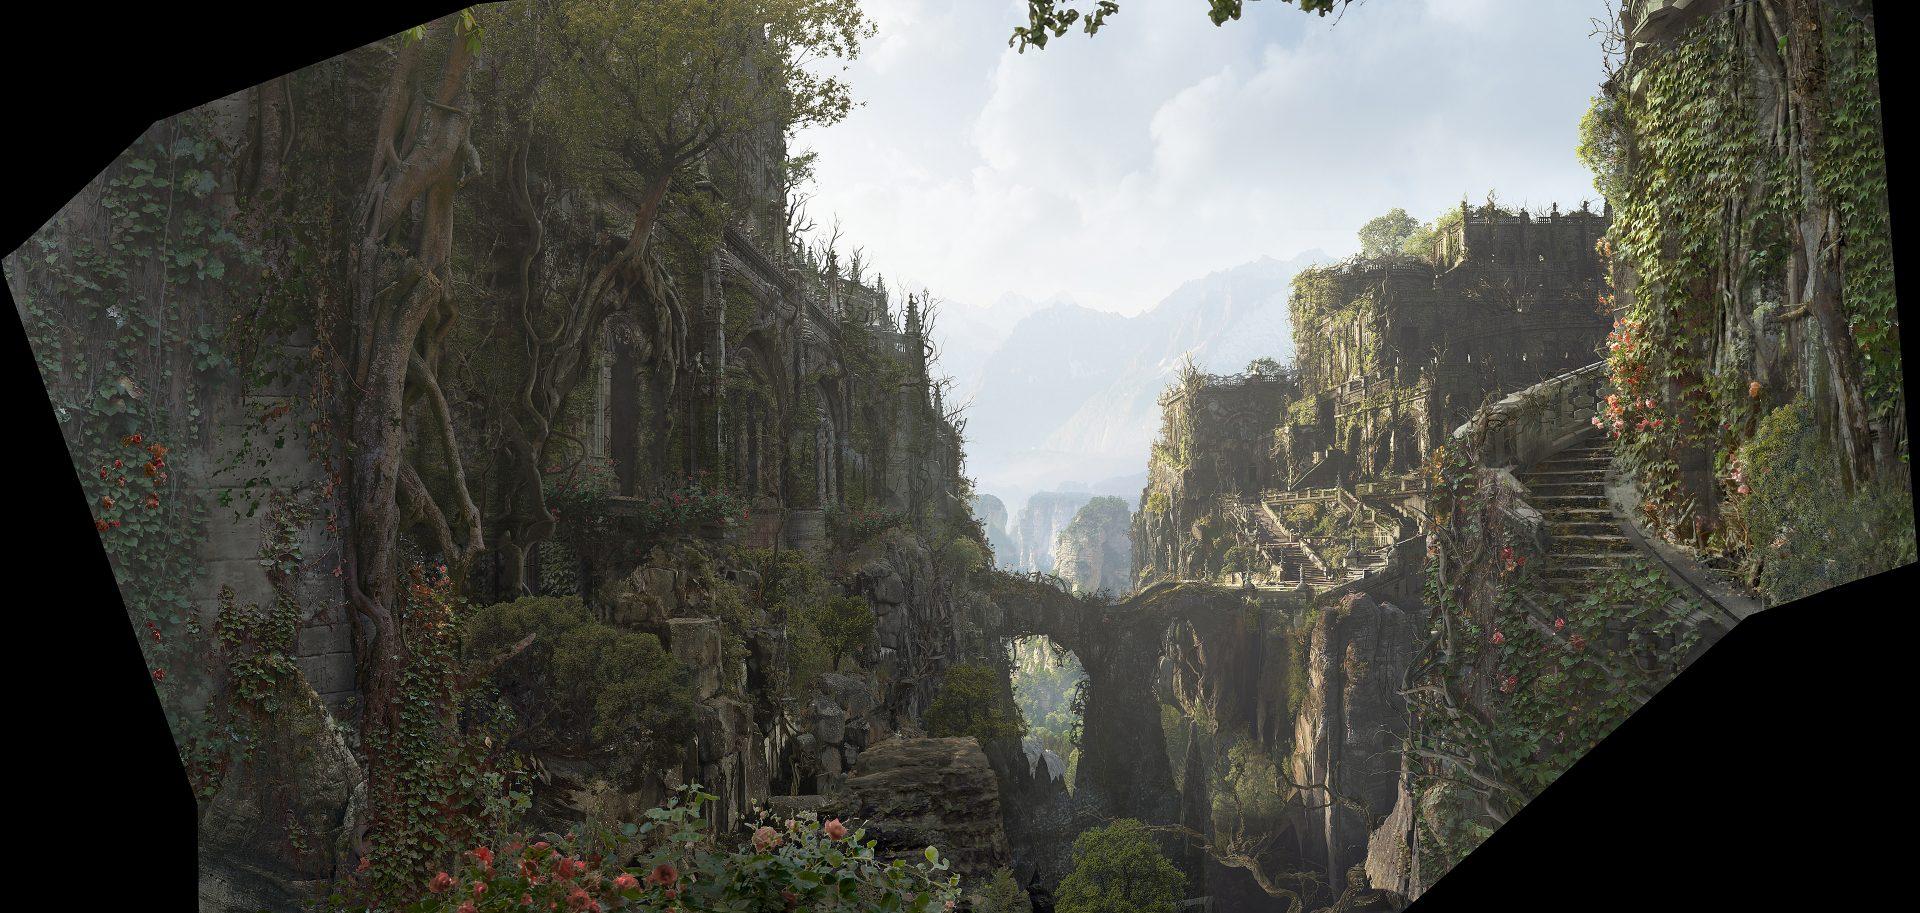 la-belle-et-la-bete-castle-garden-concept